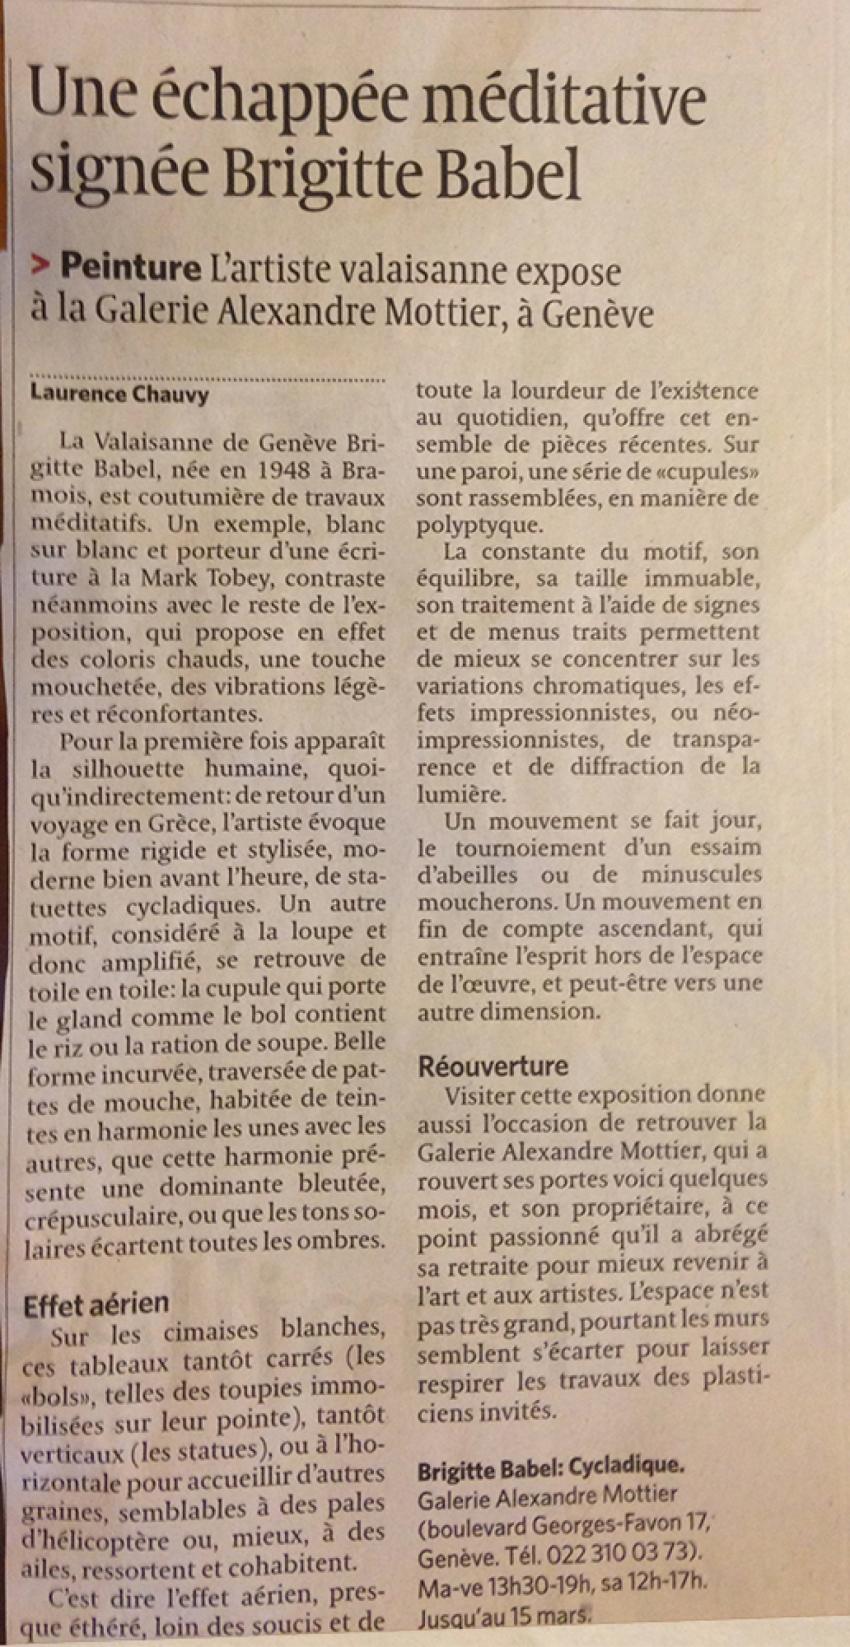 Le Temps - lundi 24 février 2014 - Laurence Chauvy